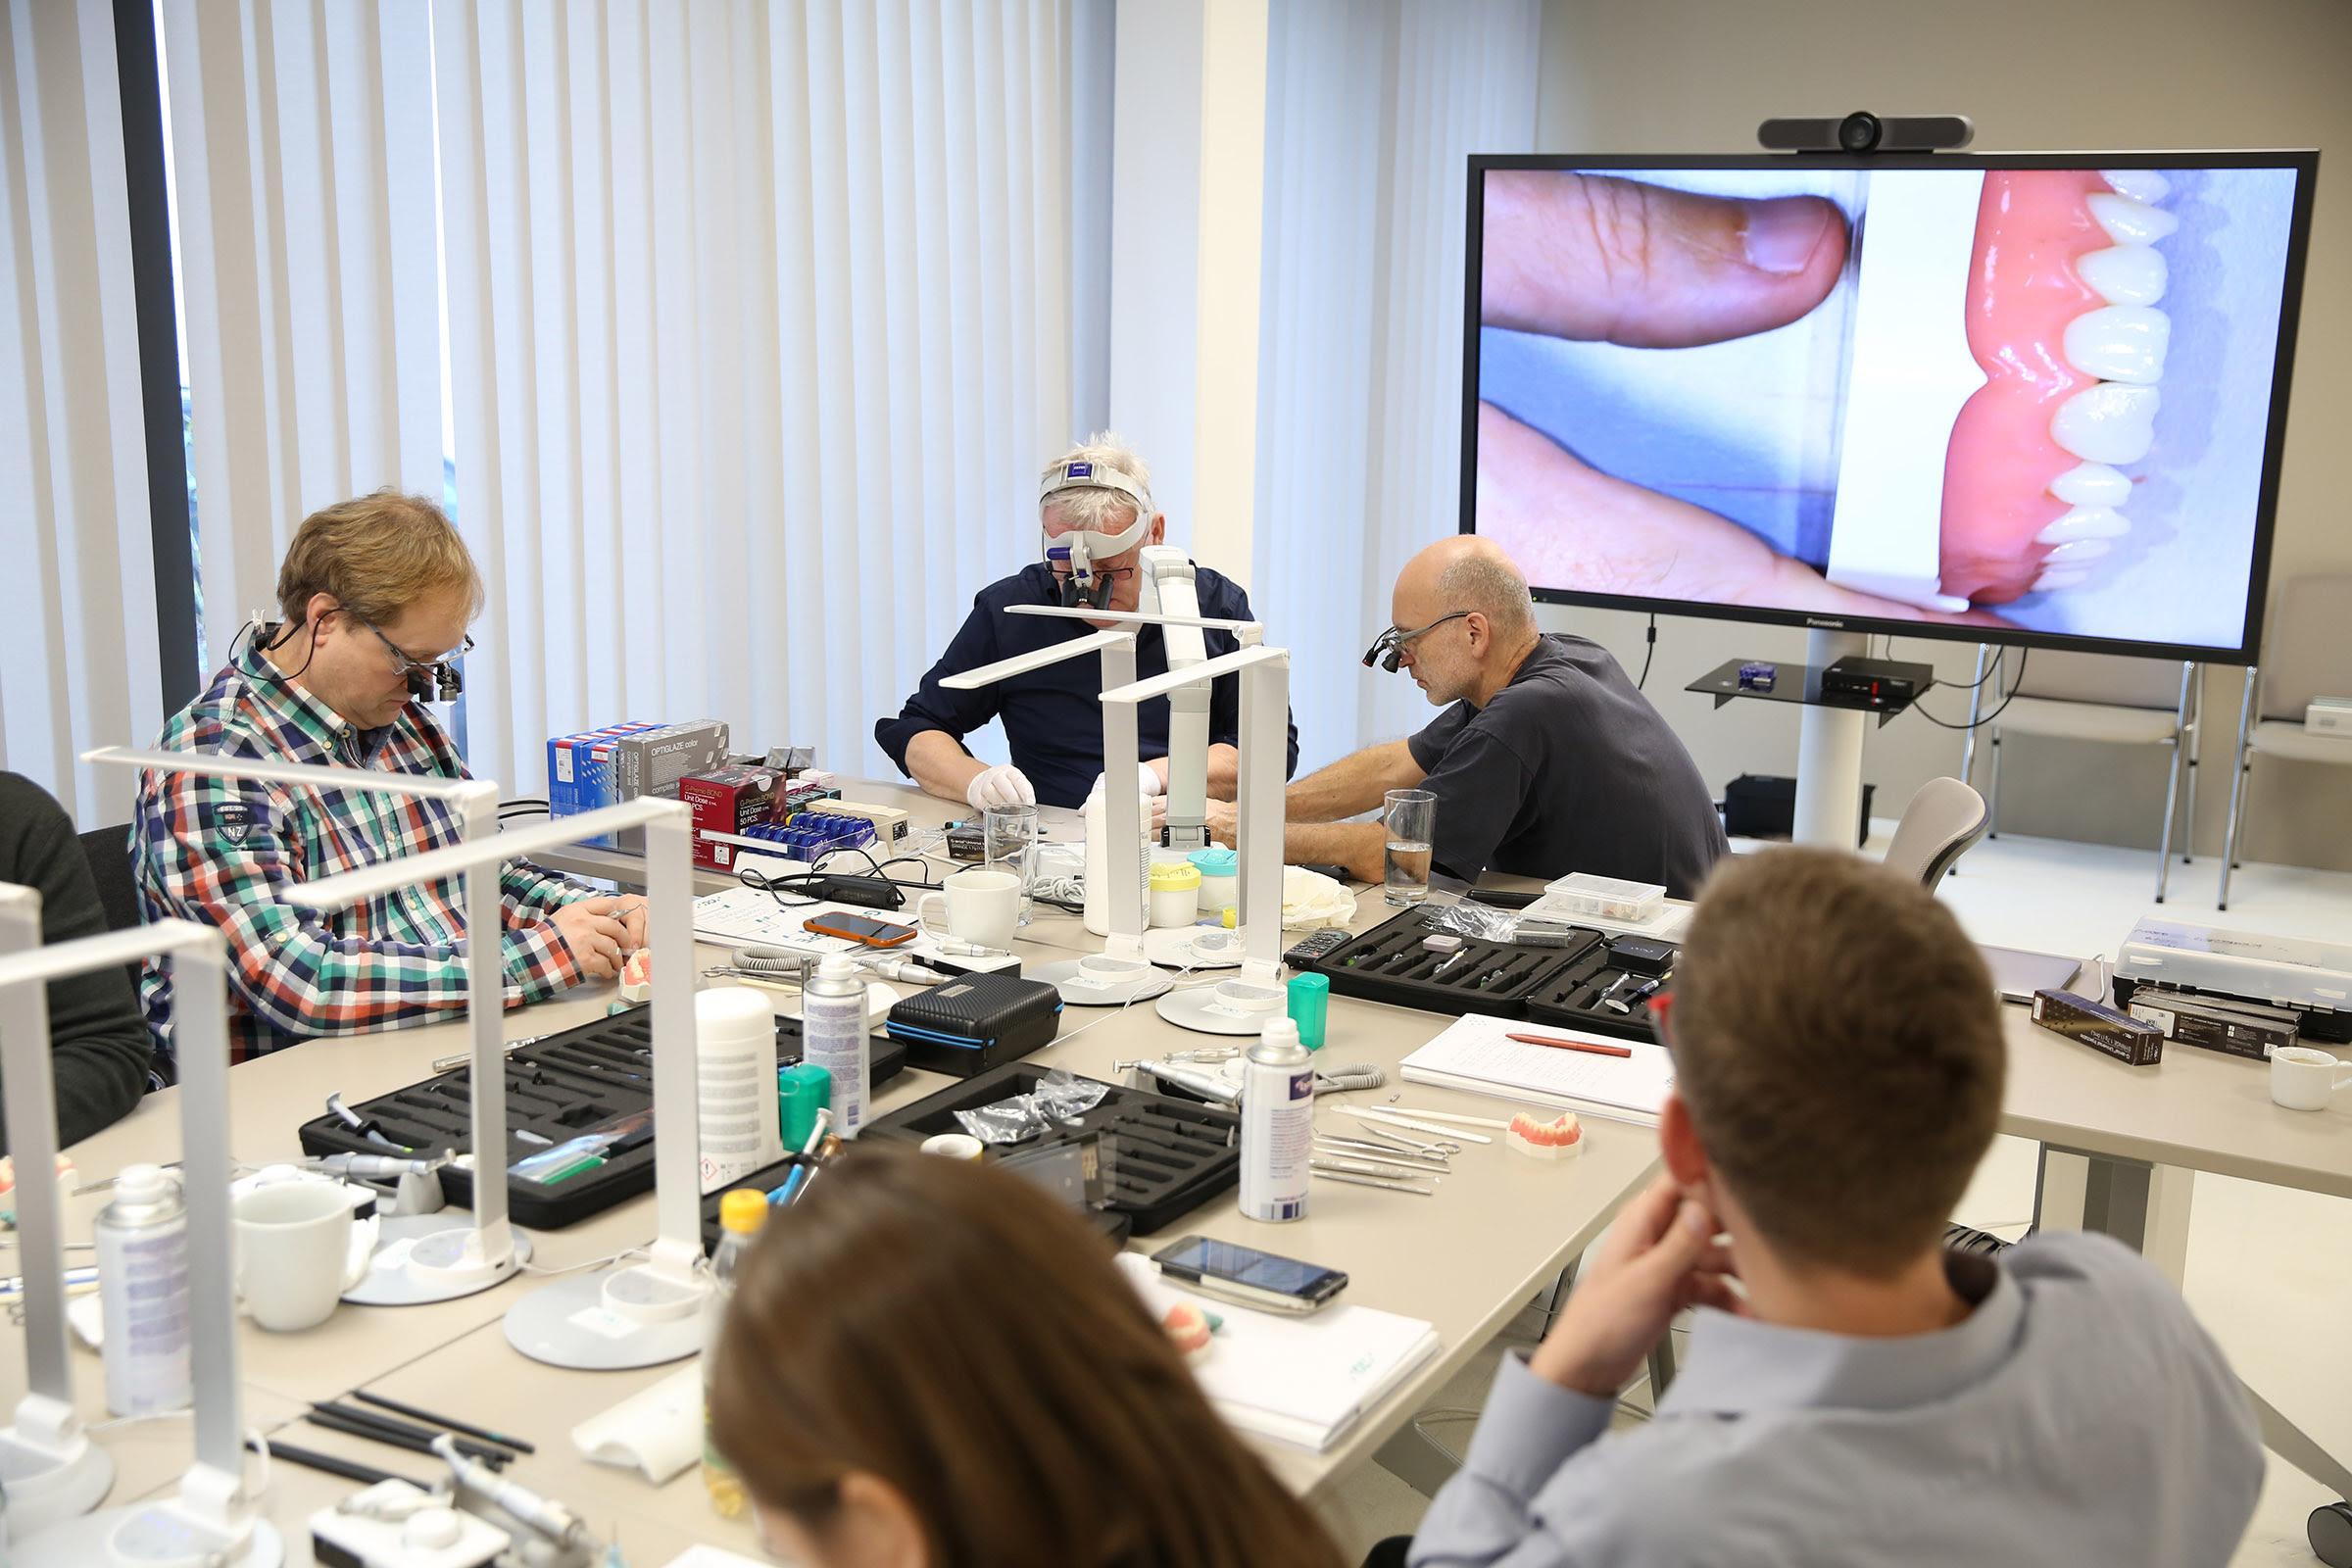 Teilnehmer bei der Arbeit.JPG